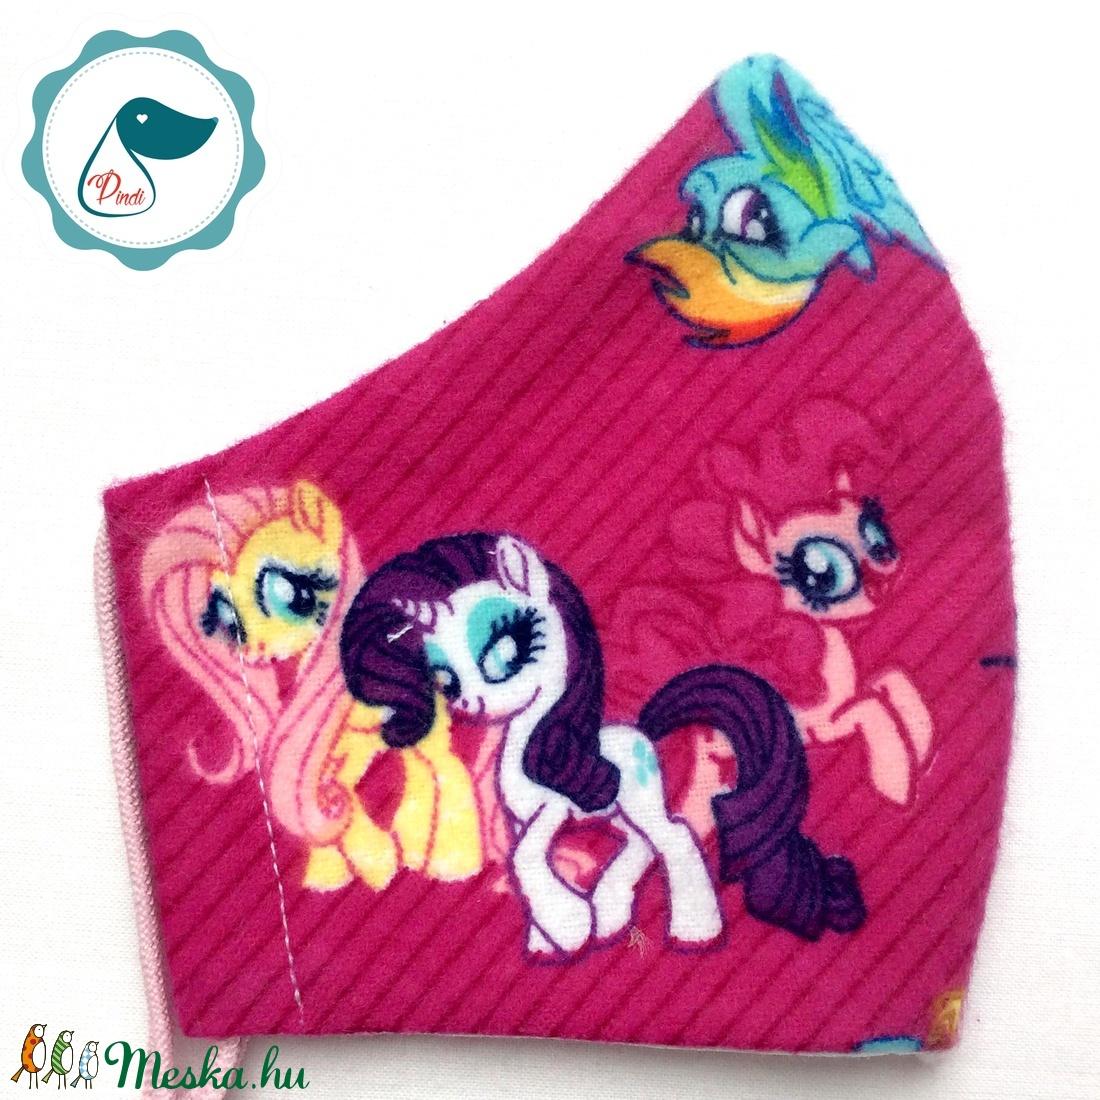 Egyedi póni mintás prémium flanel textil - gyerek szájmaszk  - egészségügyi szájmaszk - mosható szájmaszk - maszk, arcmaszk - gyerek - Meska.hu